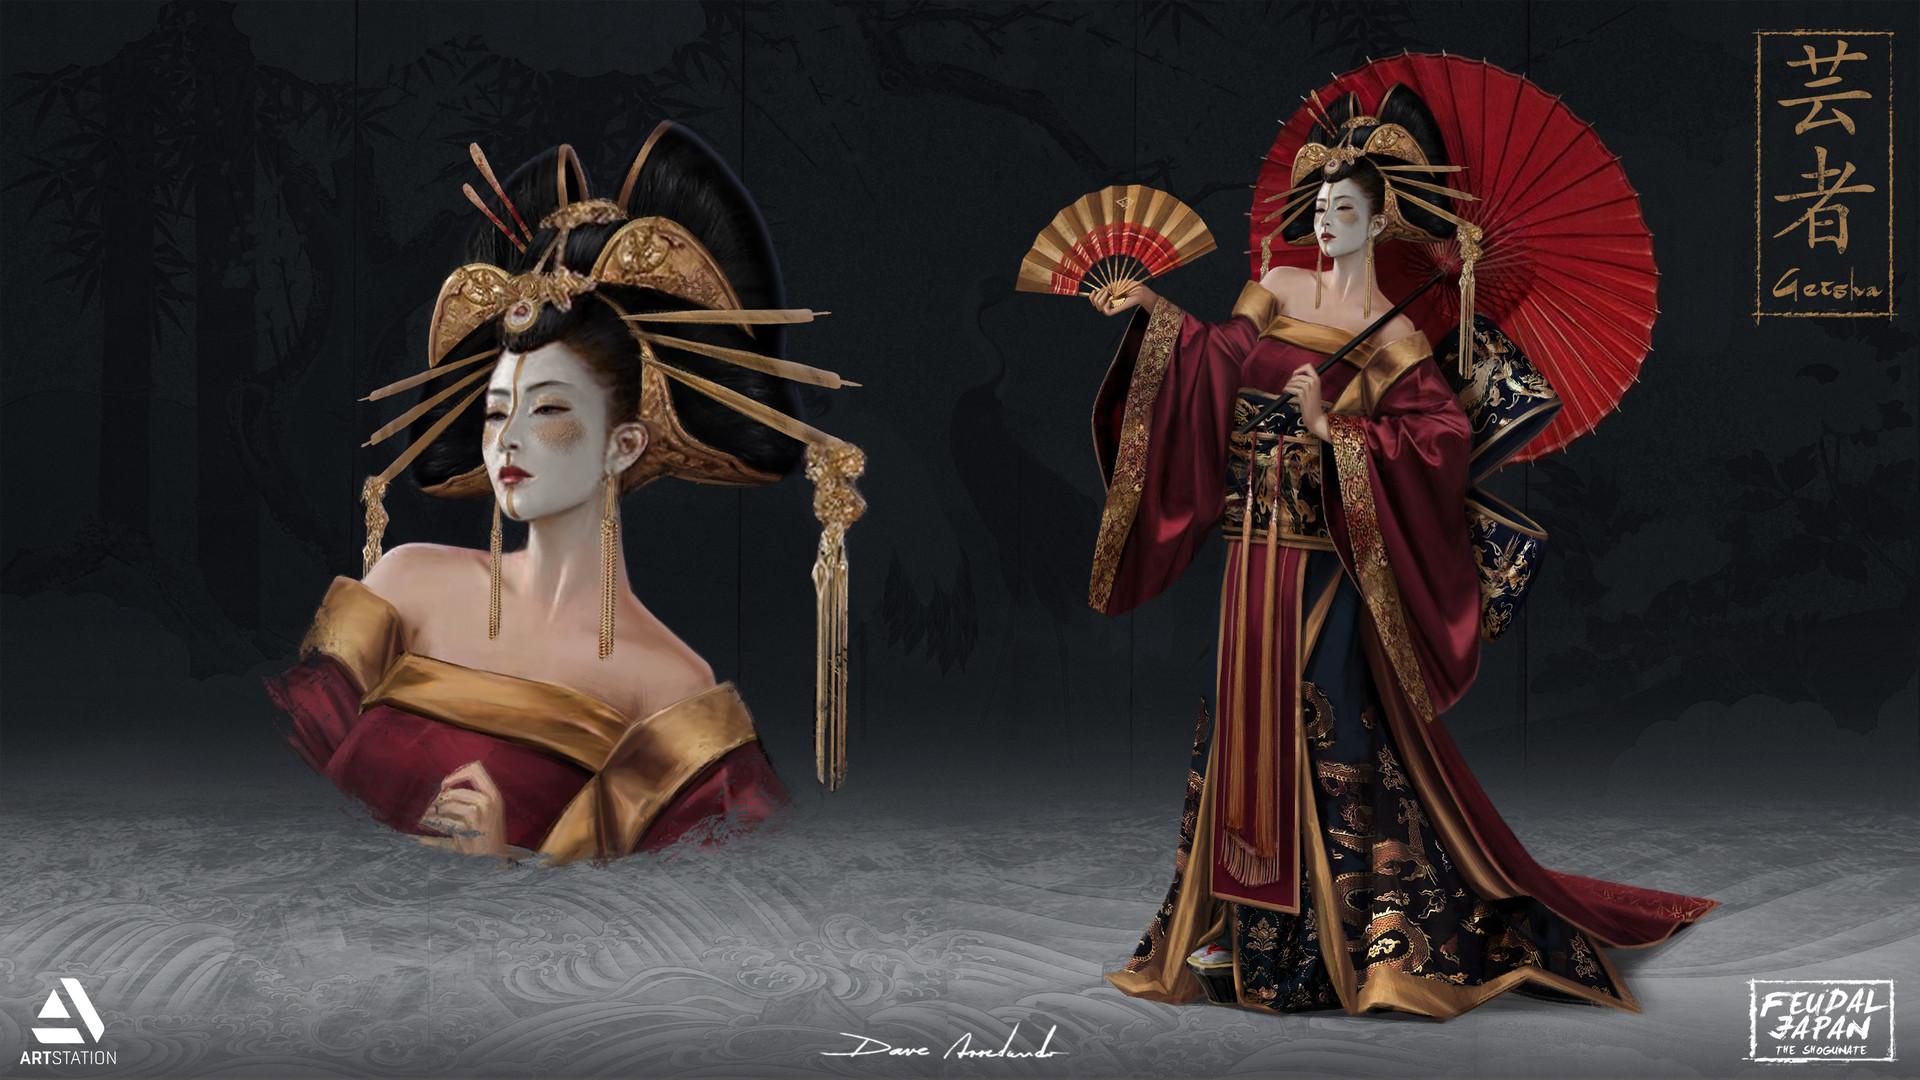 Dave arredondo geisha hd3